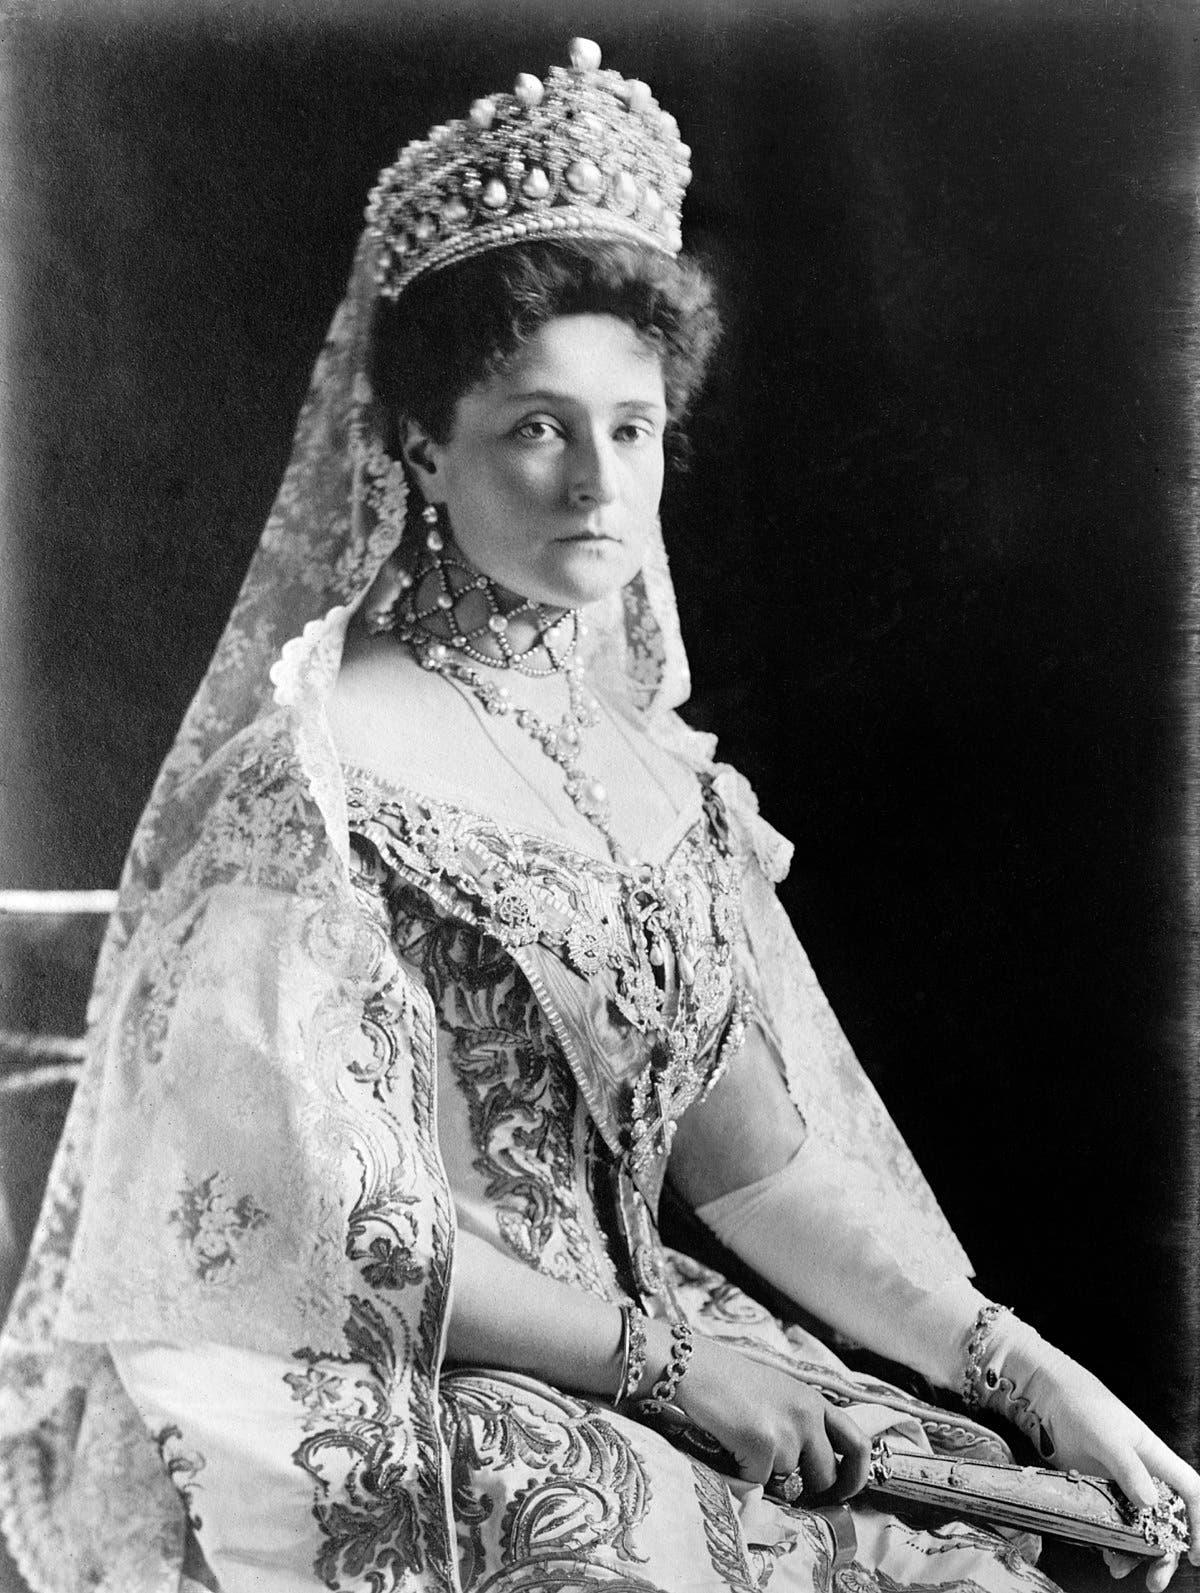 صورة لإمبراطورة روسيا ذات الأصول الألمانية ألكسندرا